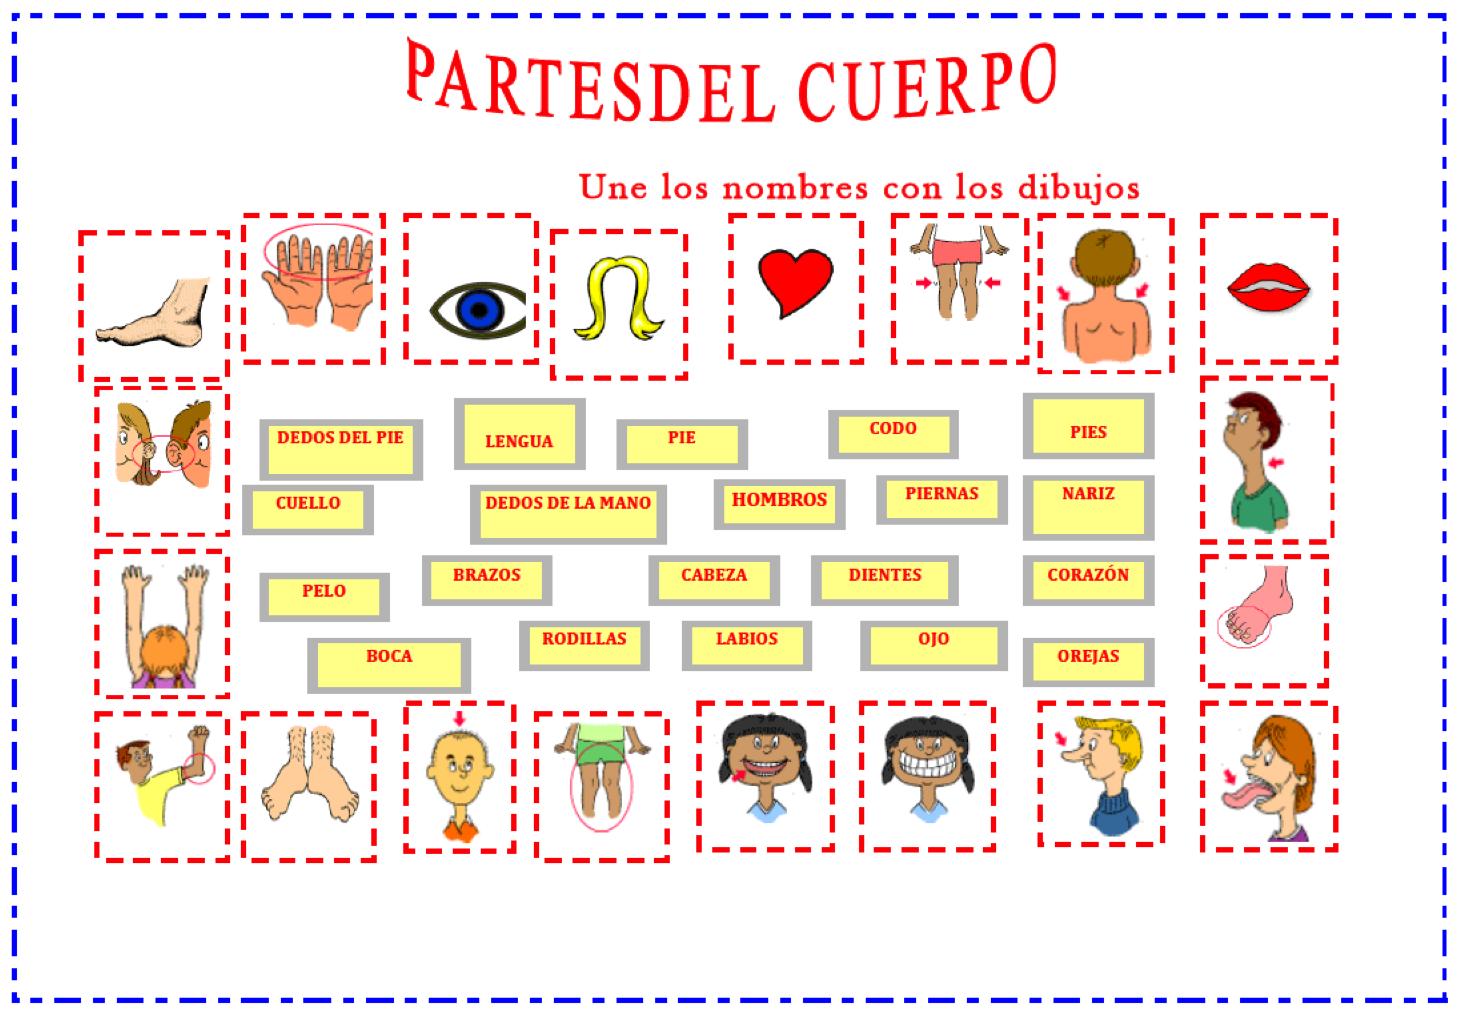 partes del cuerpo | Español para inmigrantes y refugiados